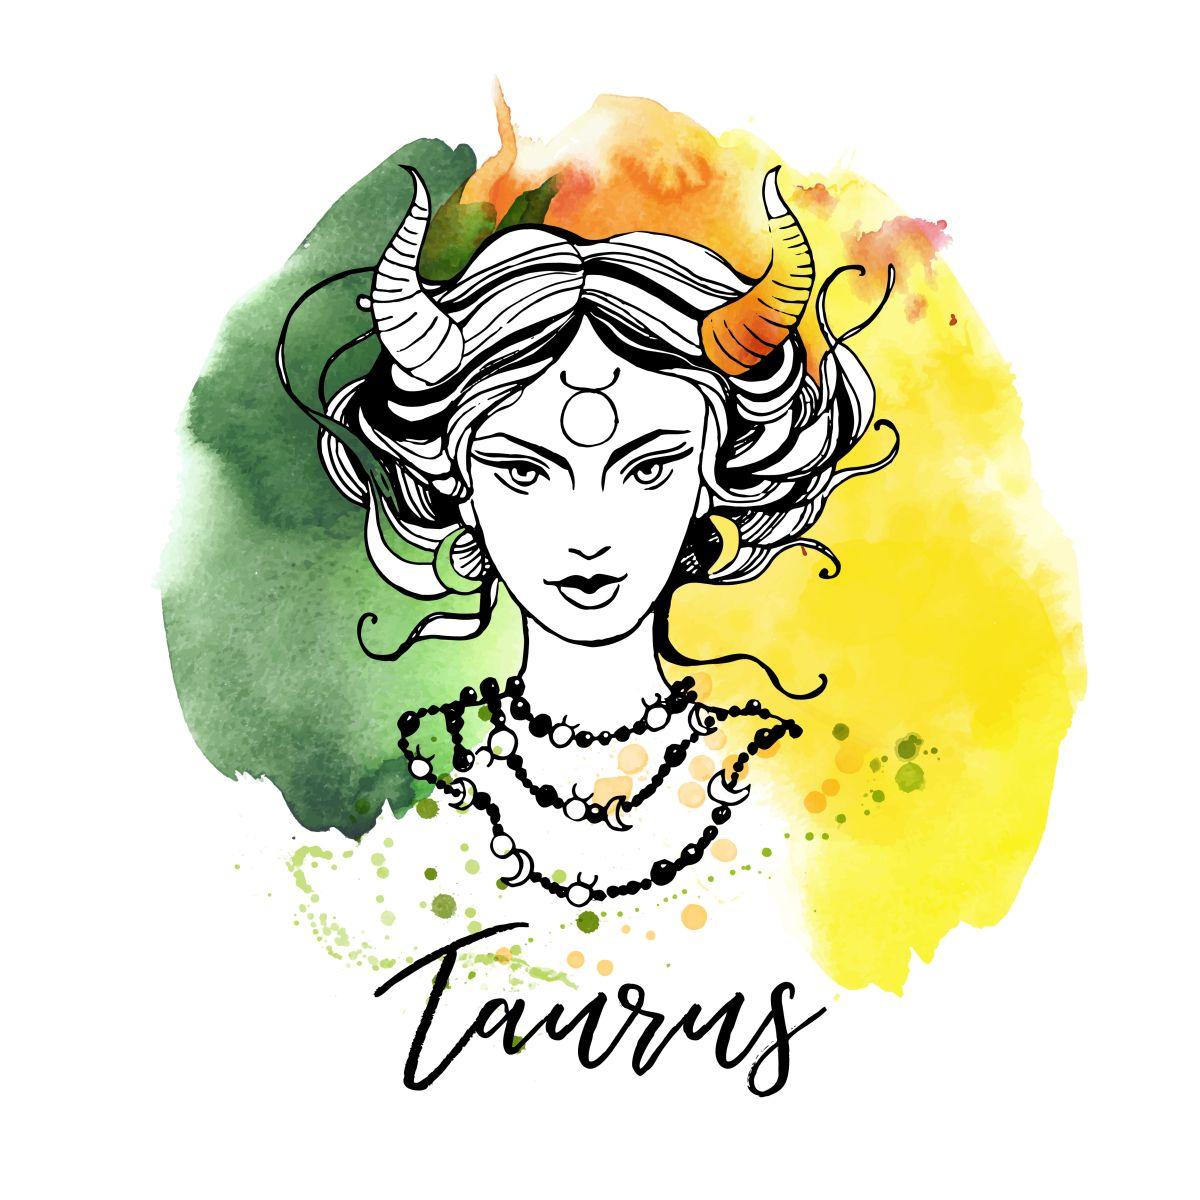 Zodia Taur ilustrată sub forma chipului unei femei frumoase, semnul zodiacal desenat pe frunte, pe un fundal în culorile verde și galben.